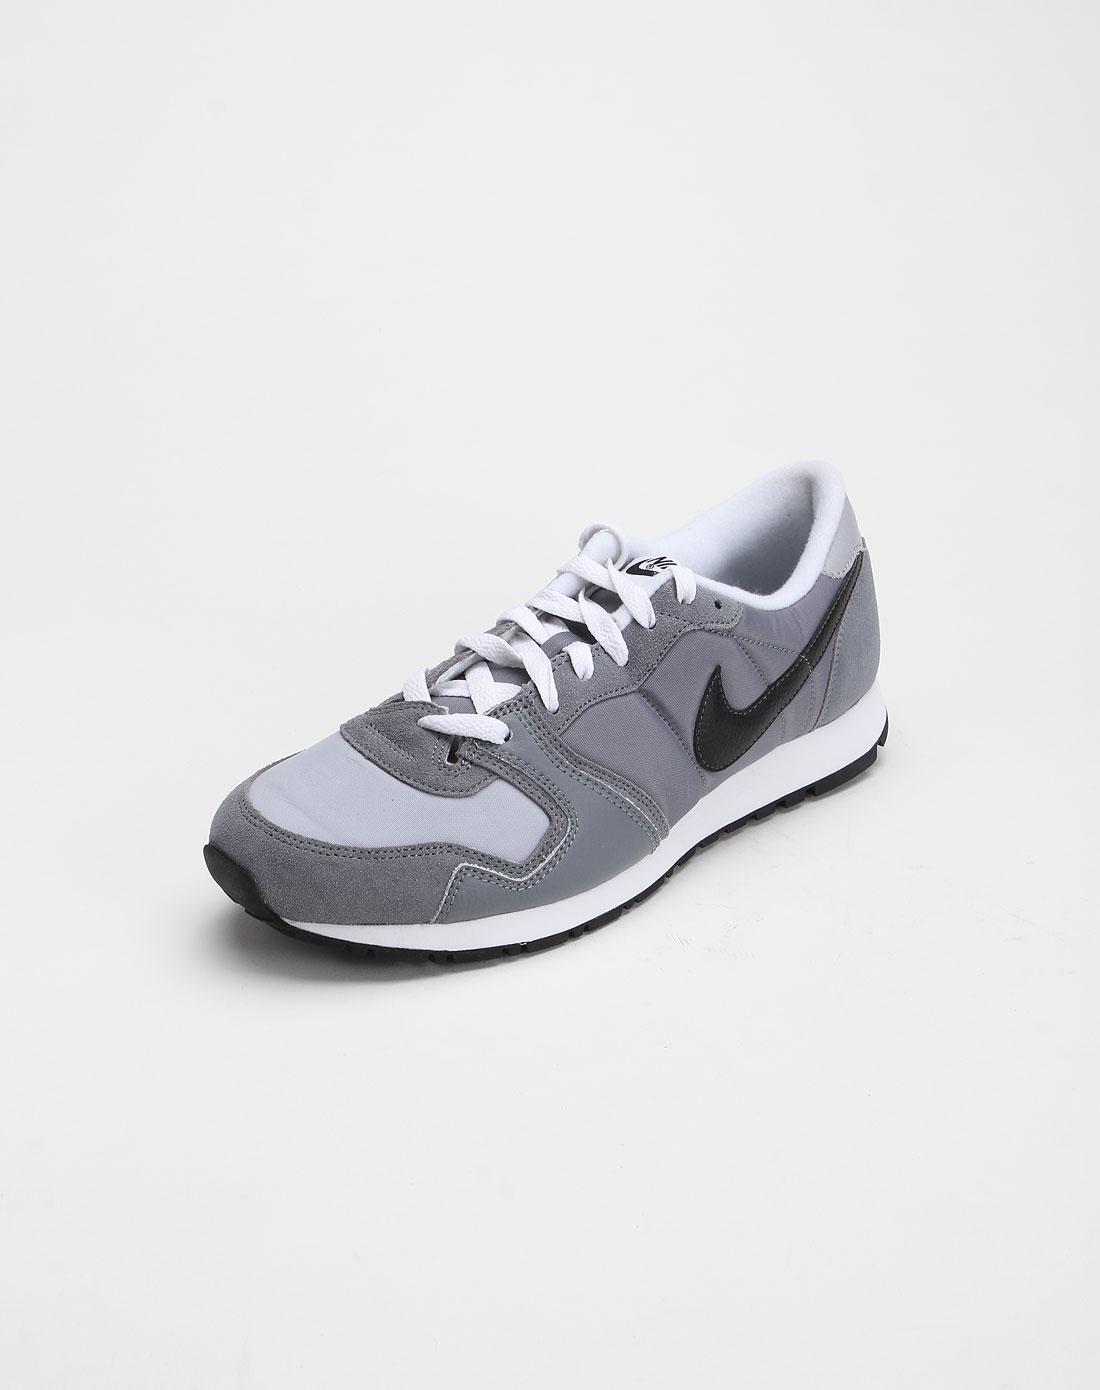 耐克nike-男款轻质舒适简约灰色休闲鞋429627-090